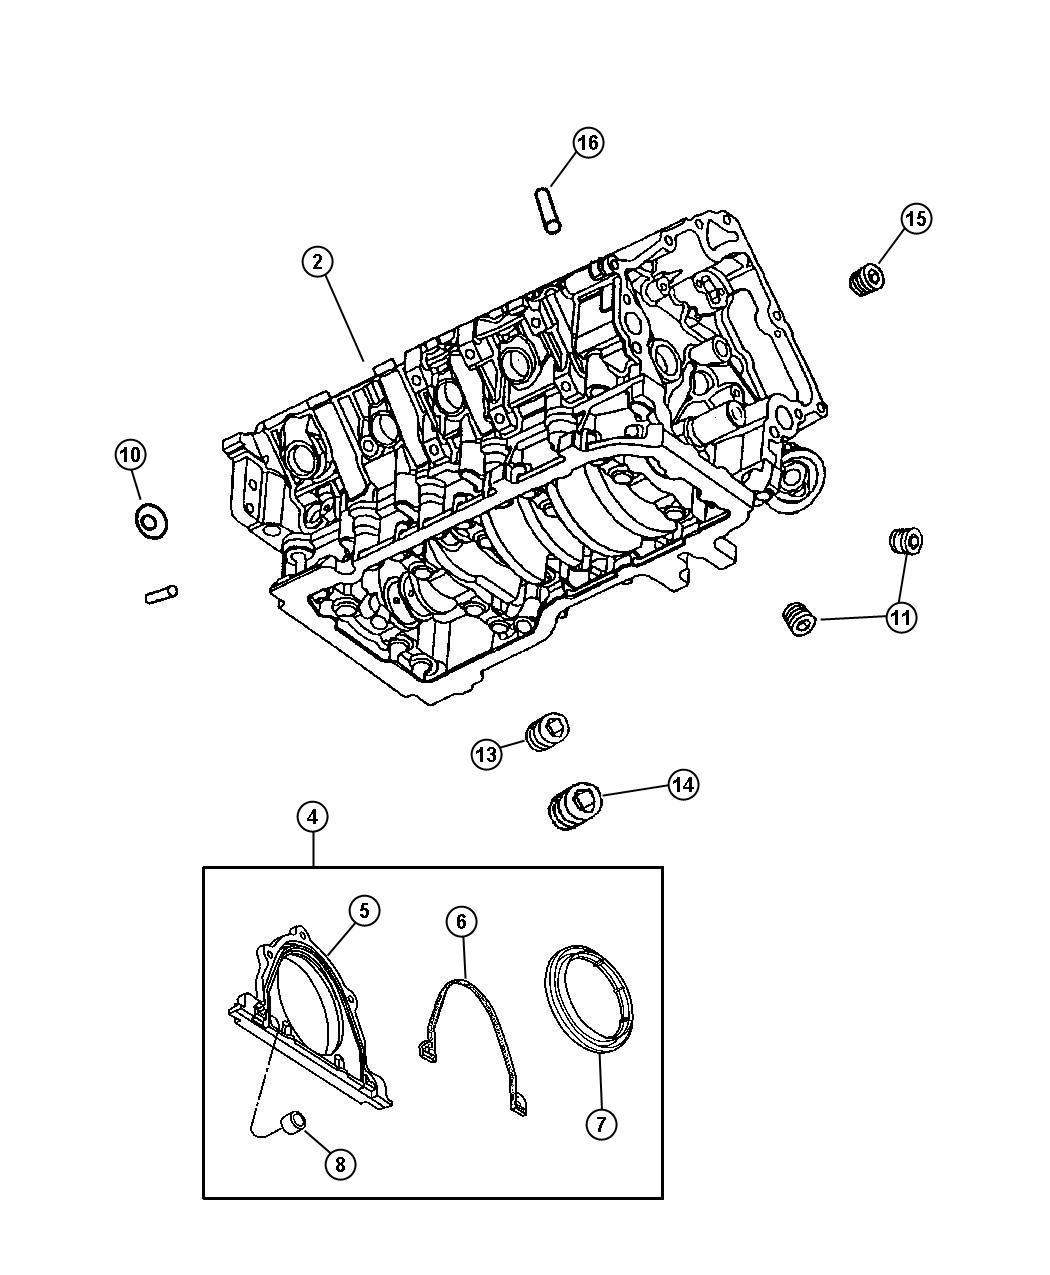 Dodge Ram Hemi Fuel Filter Location